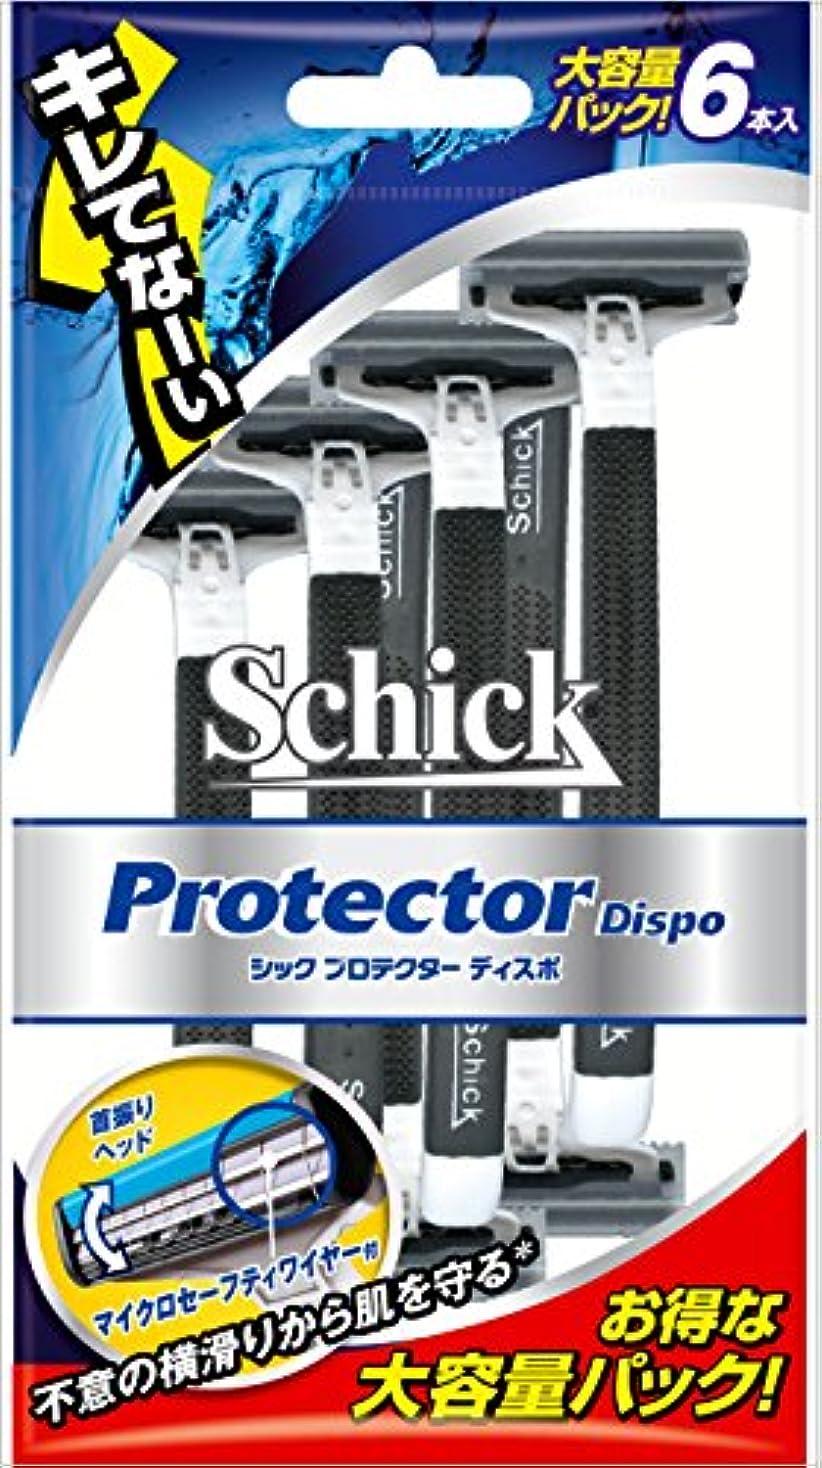 あざ池炭水化物シック プロテクター ディスポ (6本入)